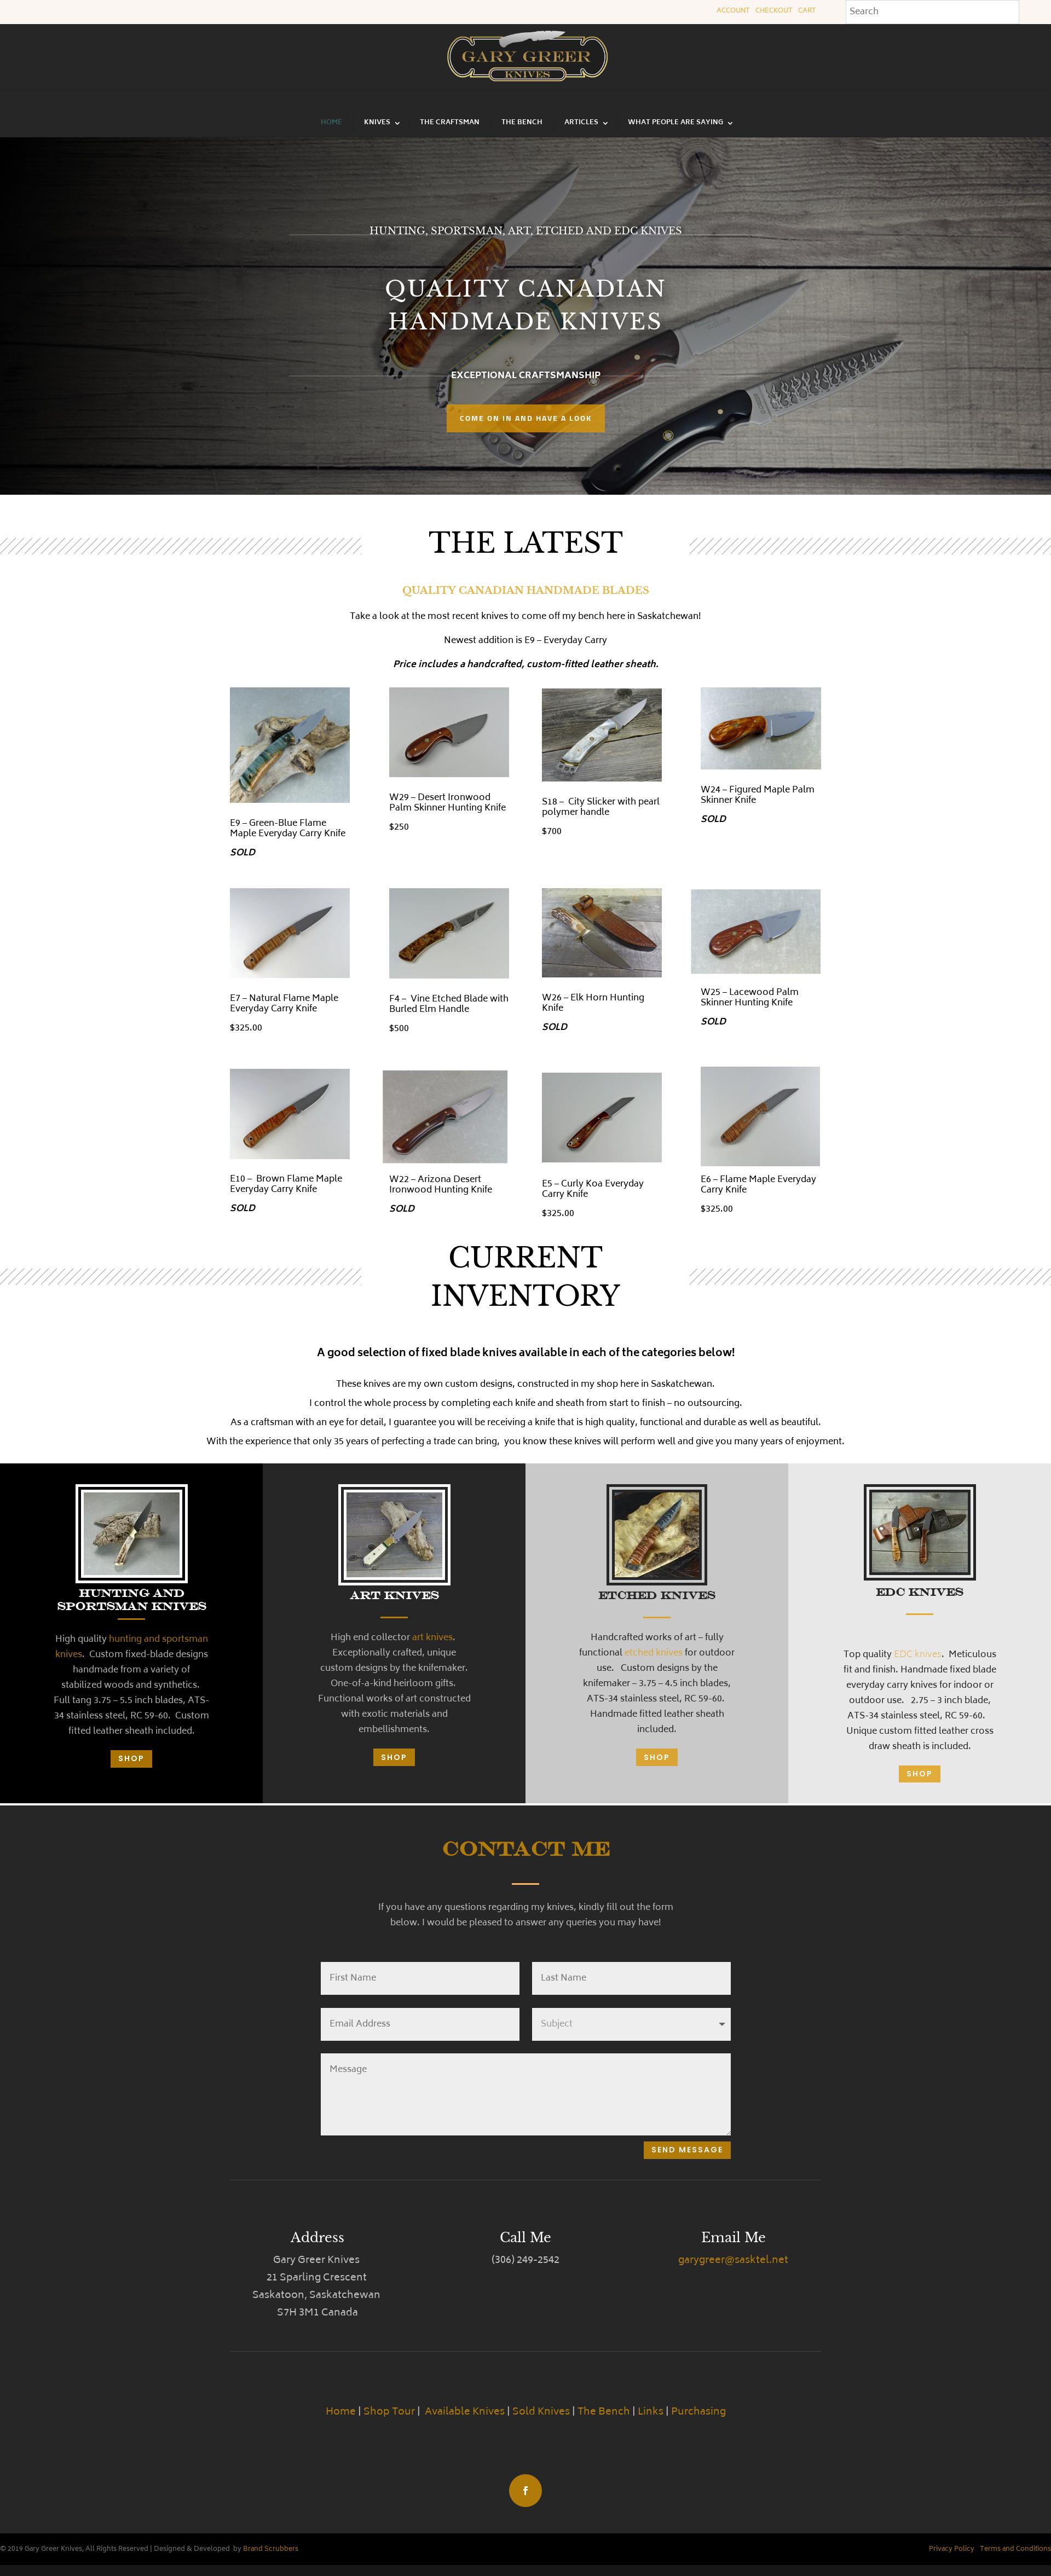 garygreerknives-com-1920xFULLdesktop-2e3107